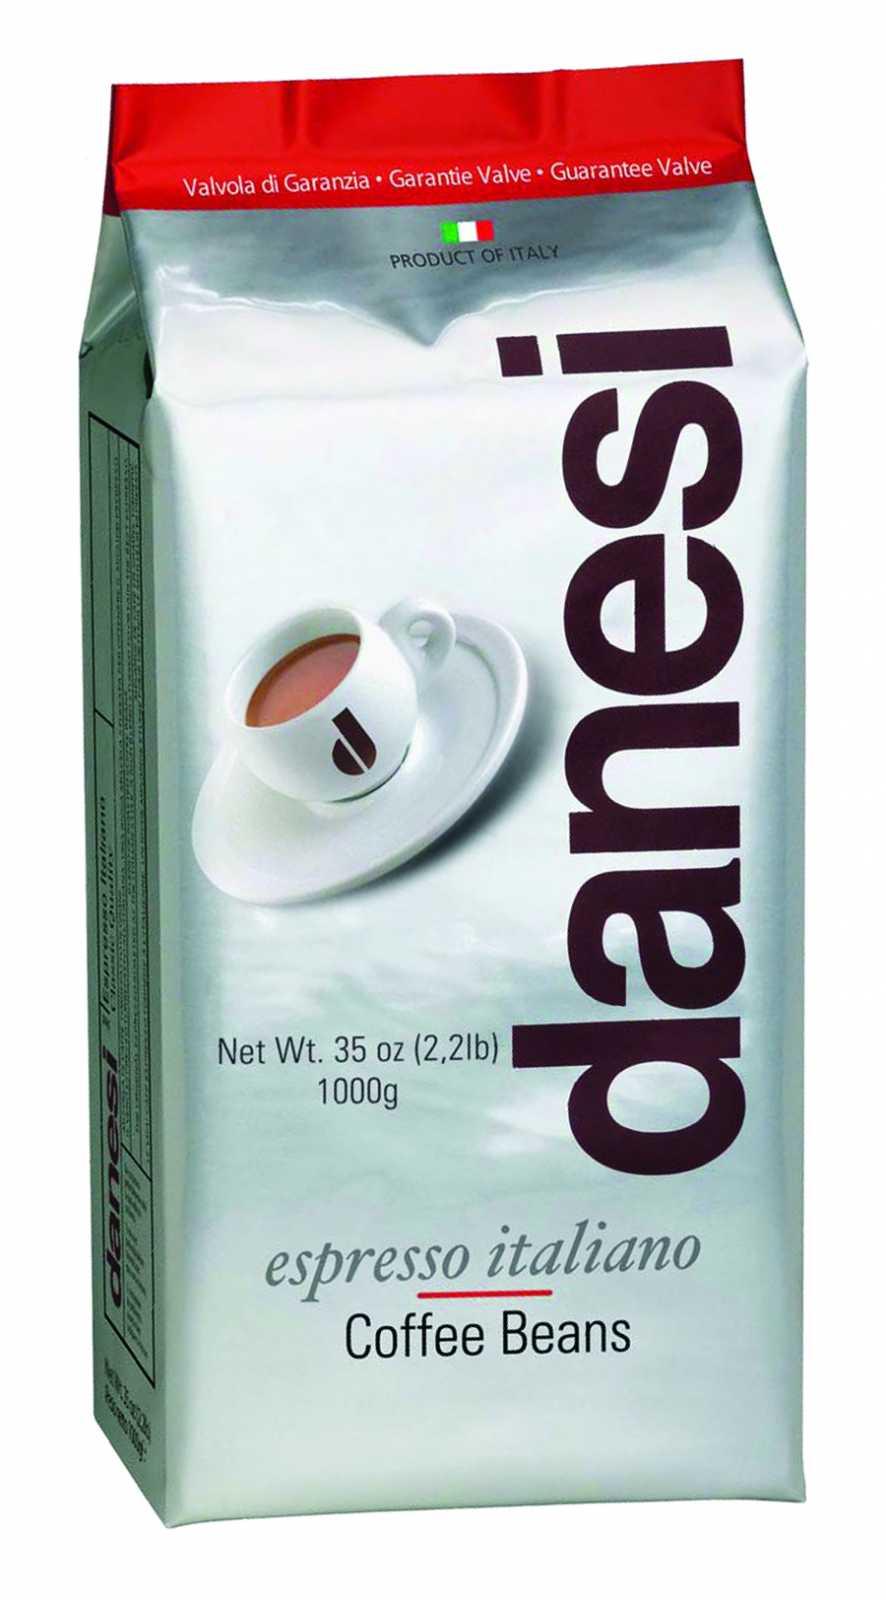 Онлайн каталог PROMENU: Кофе Classic в зернах Danesi, 1 кг, вакуумный пакет с клапаном, красный                               1010150_New